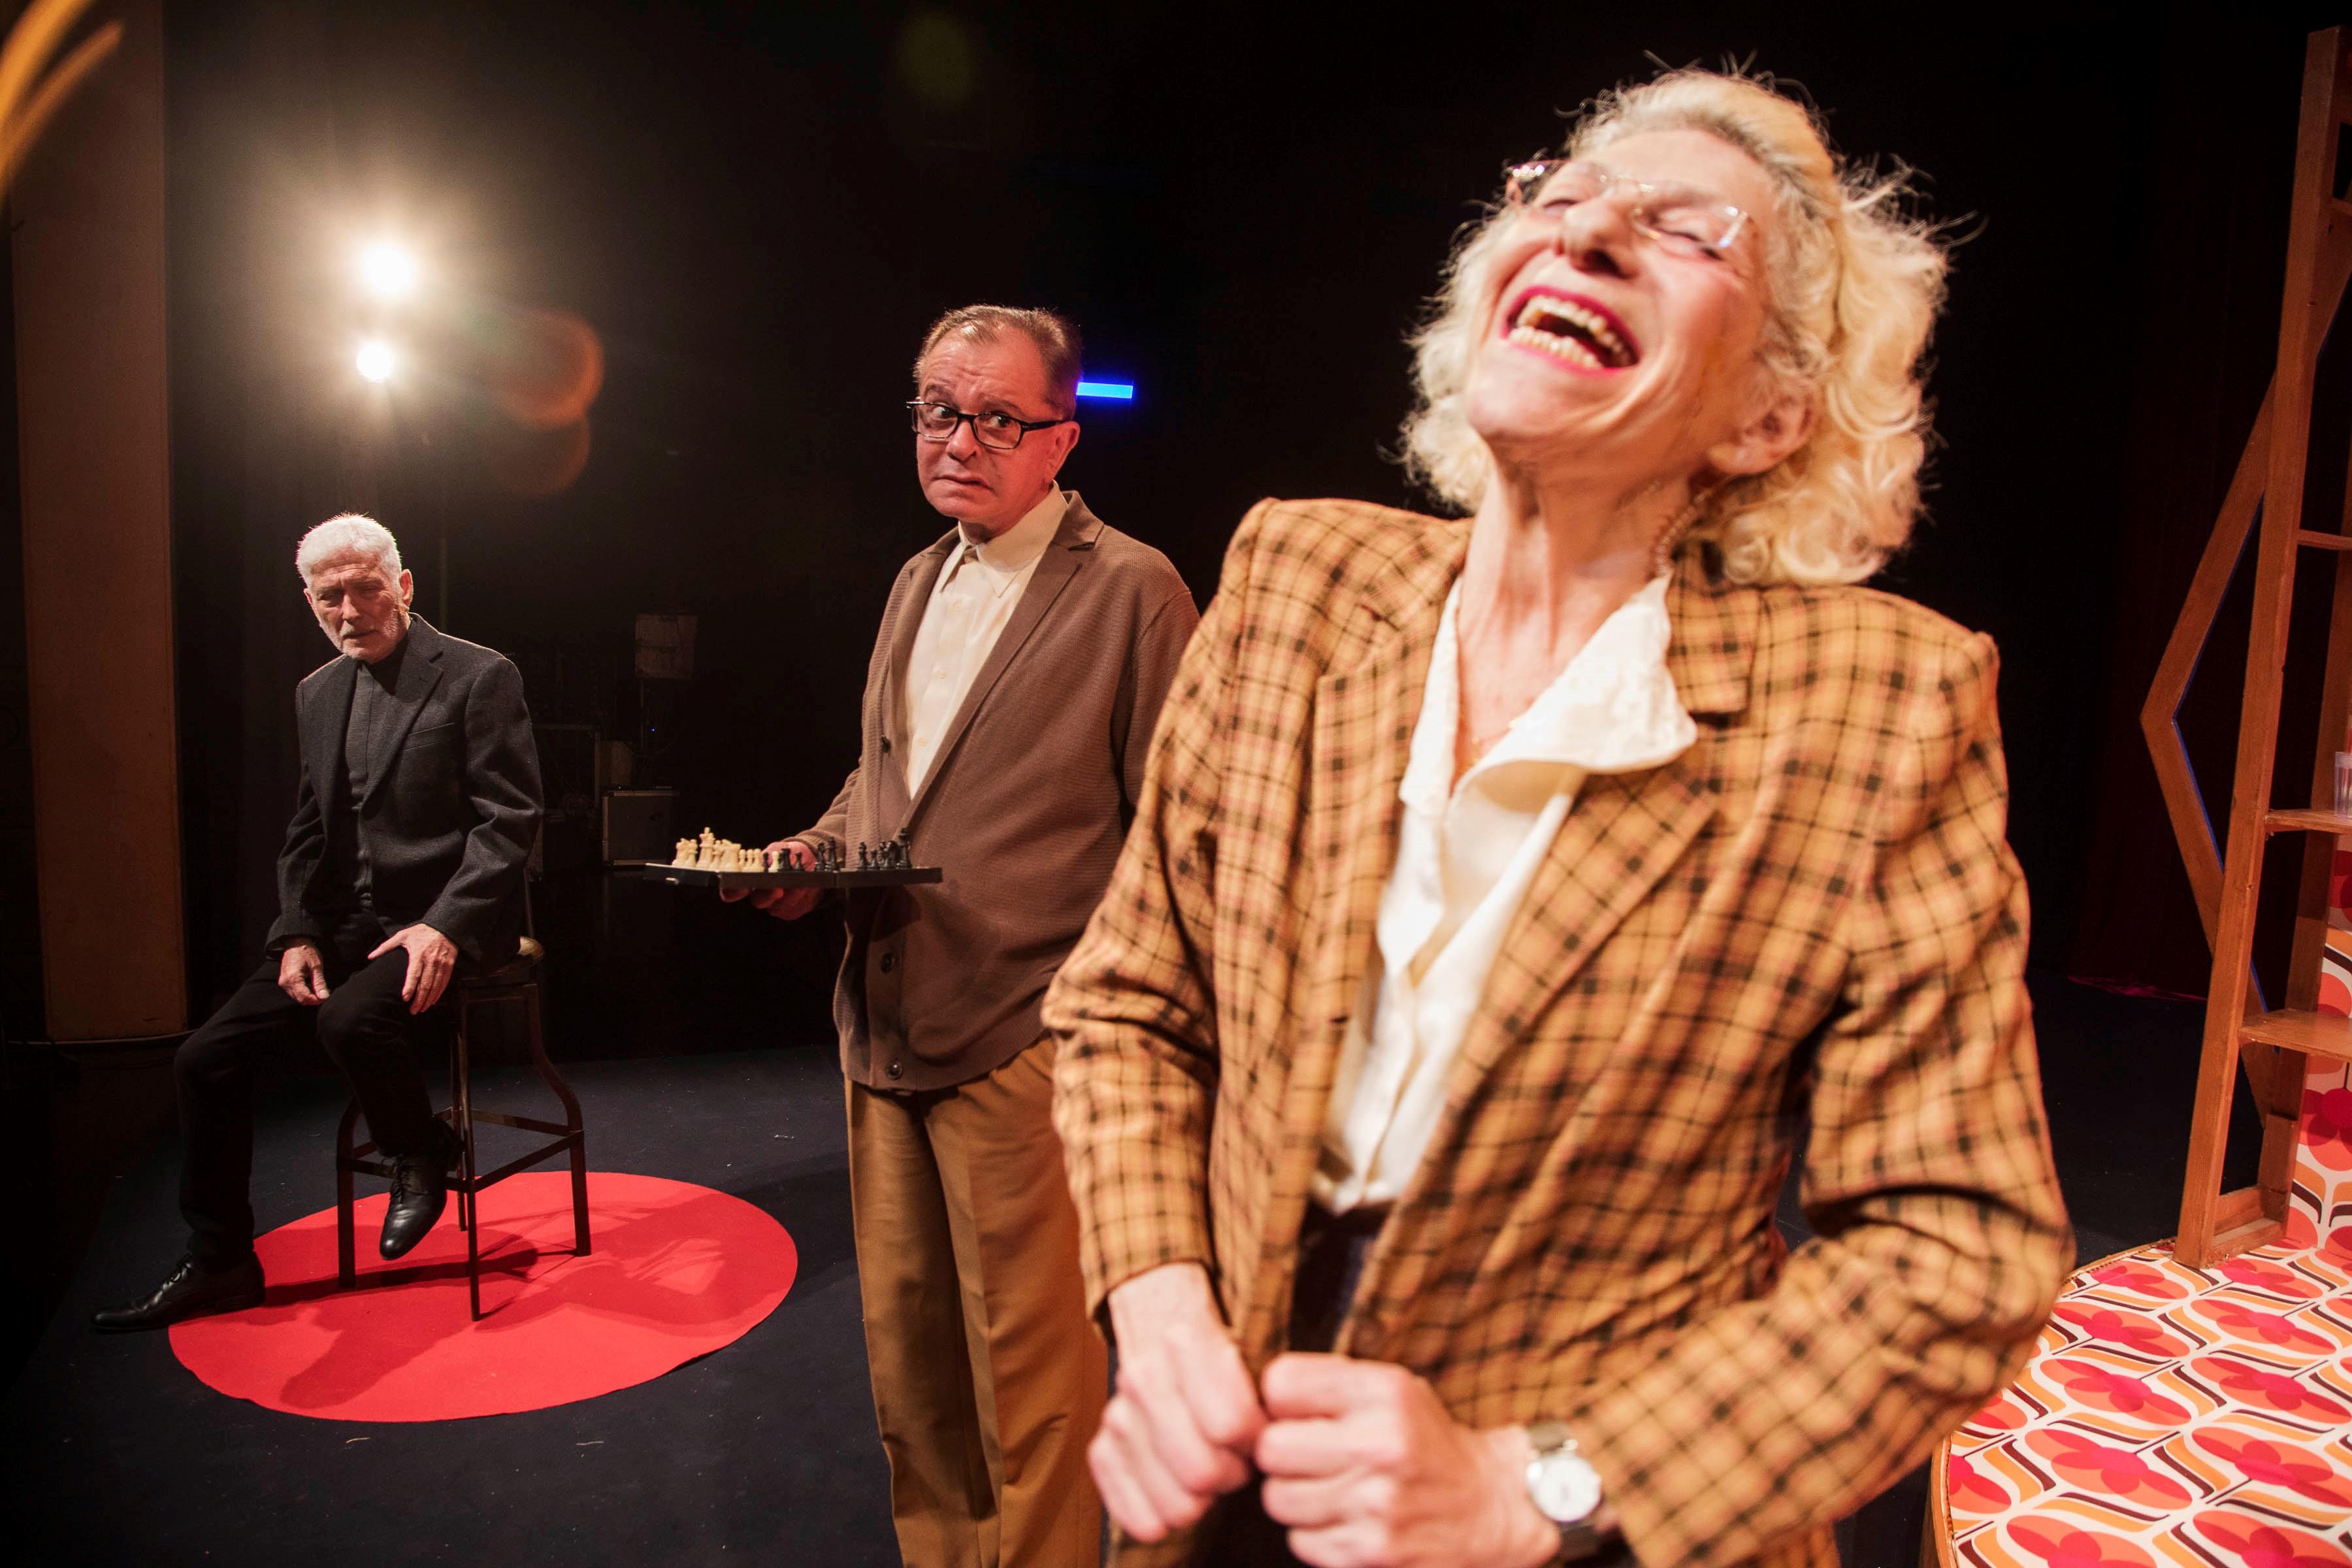 3מרים פוקס מתוך אמא יהודייה בעשרה שיעורים של תיאטרון היידישפיל צילום זראר אלון